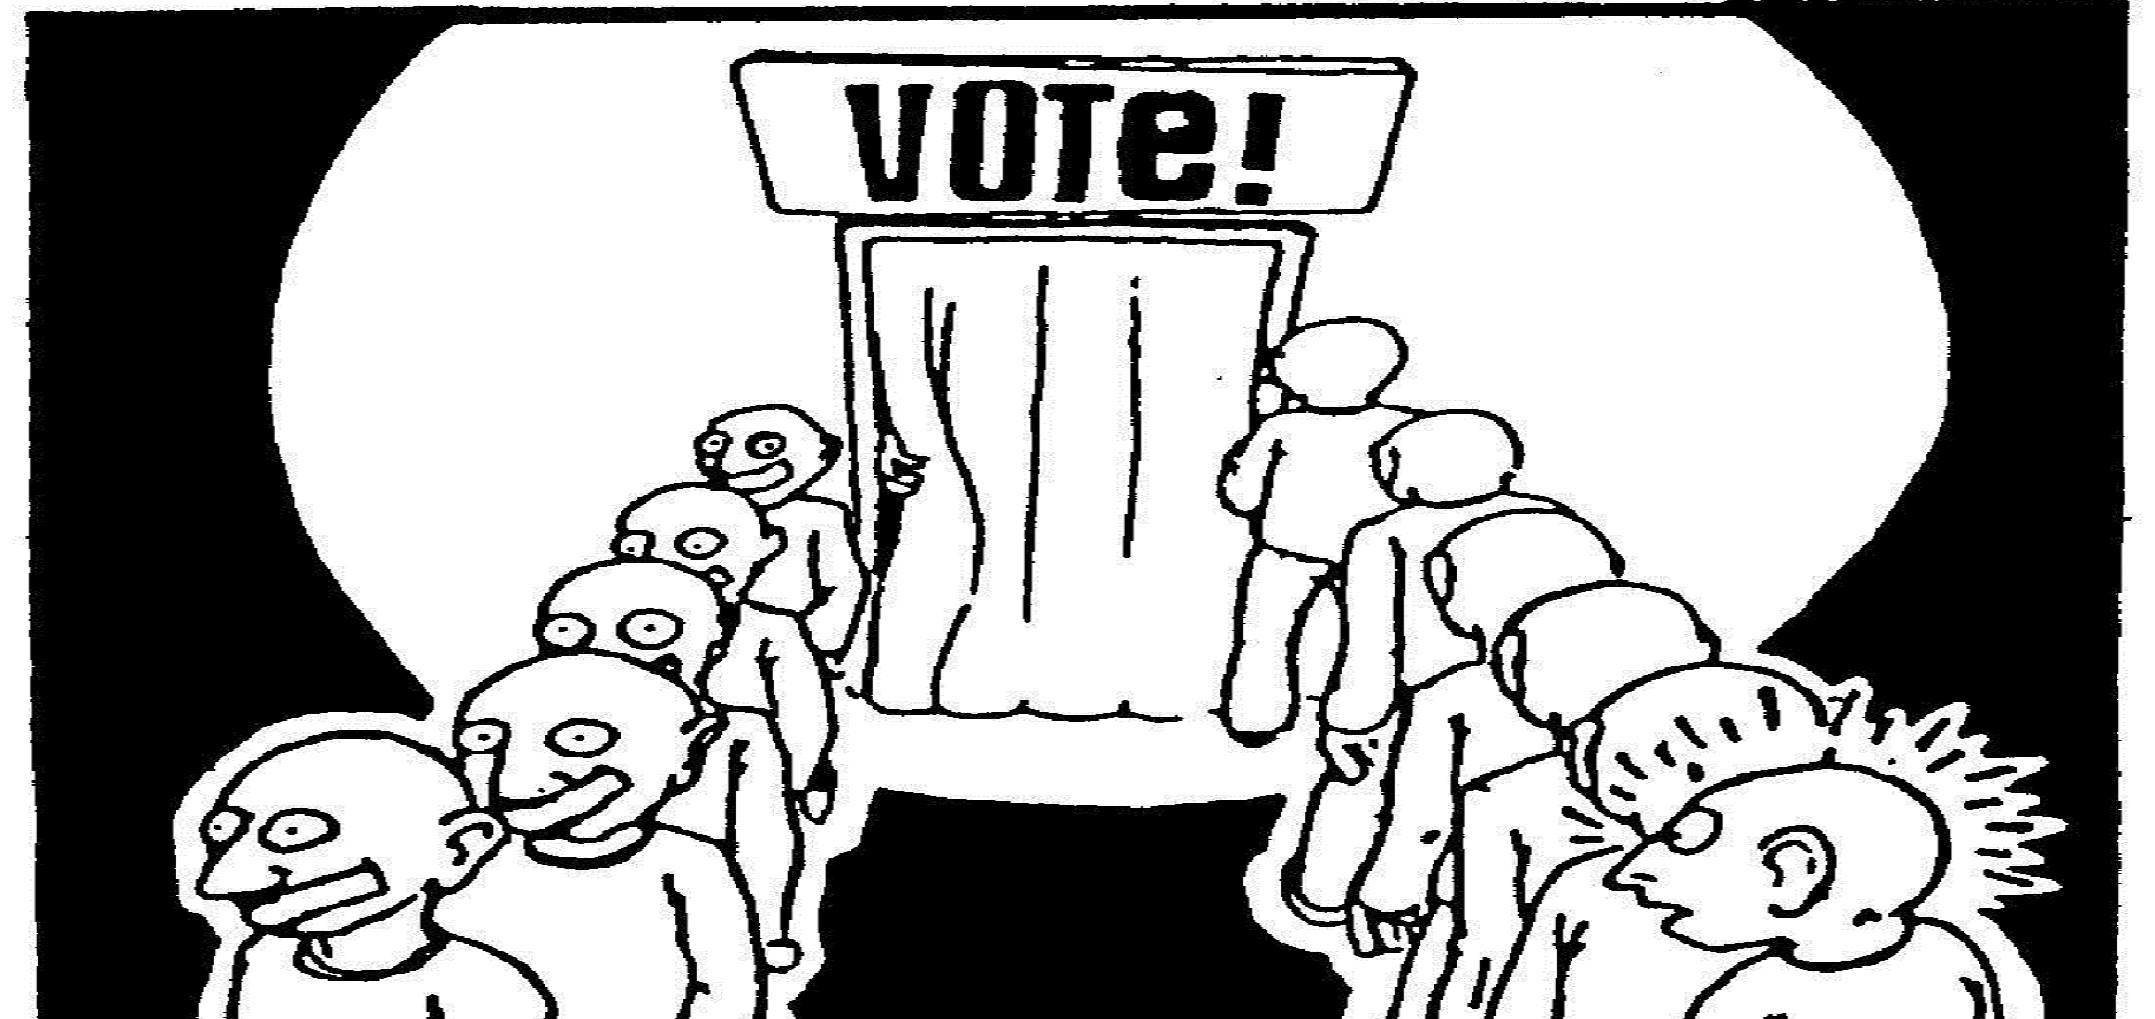 vote sssh